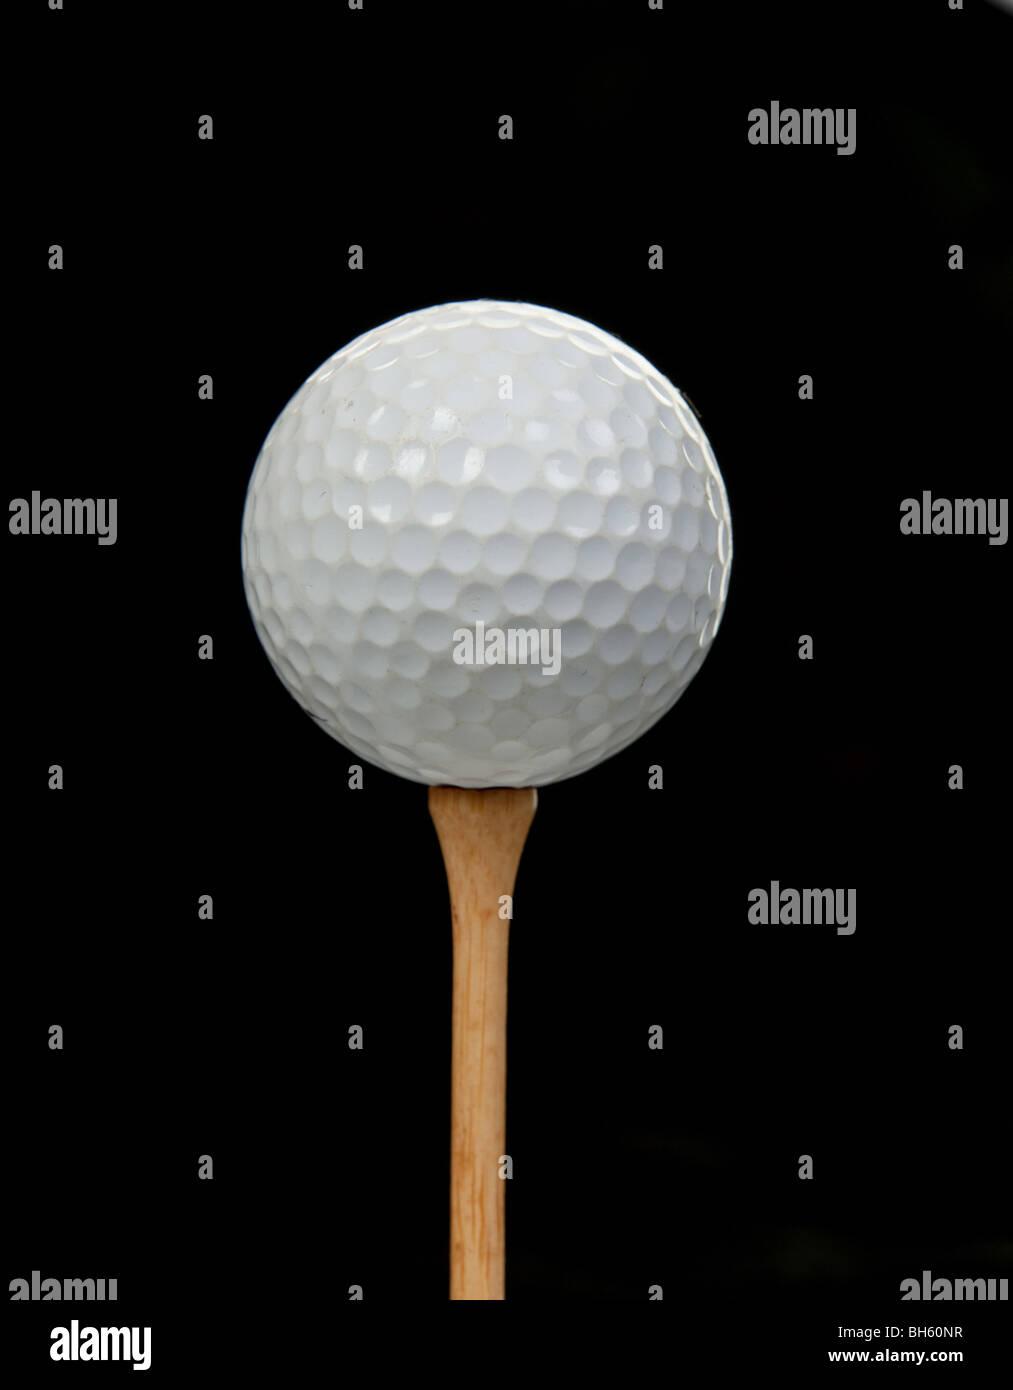 Bild eines Golfballs am Abschlag auf schwarzem Hintergrund Stockbild